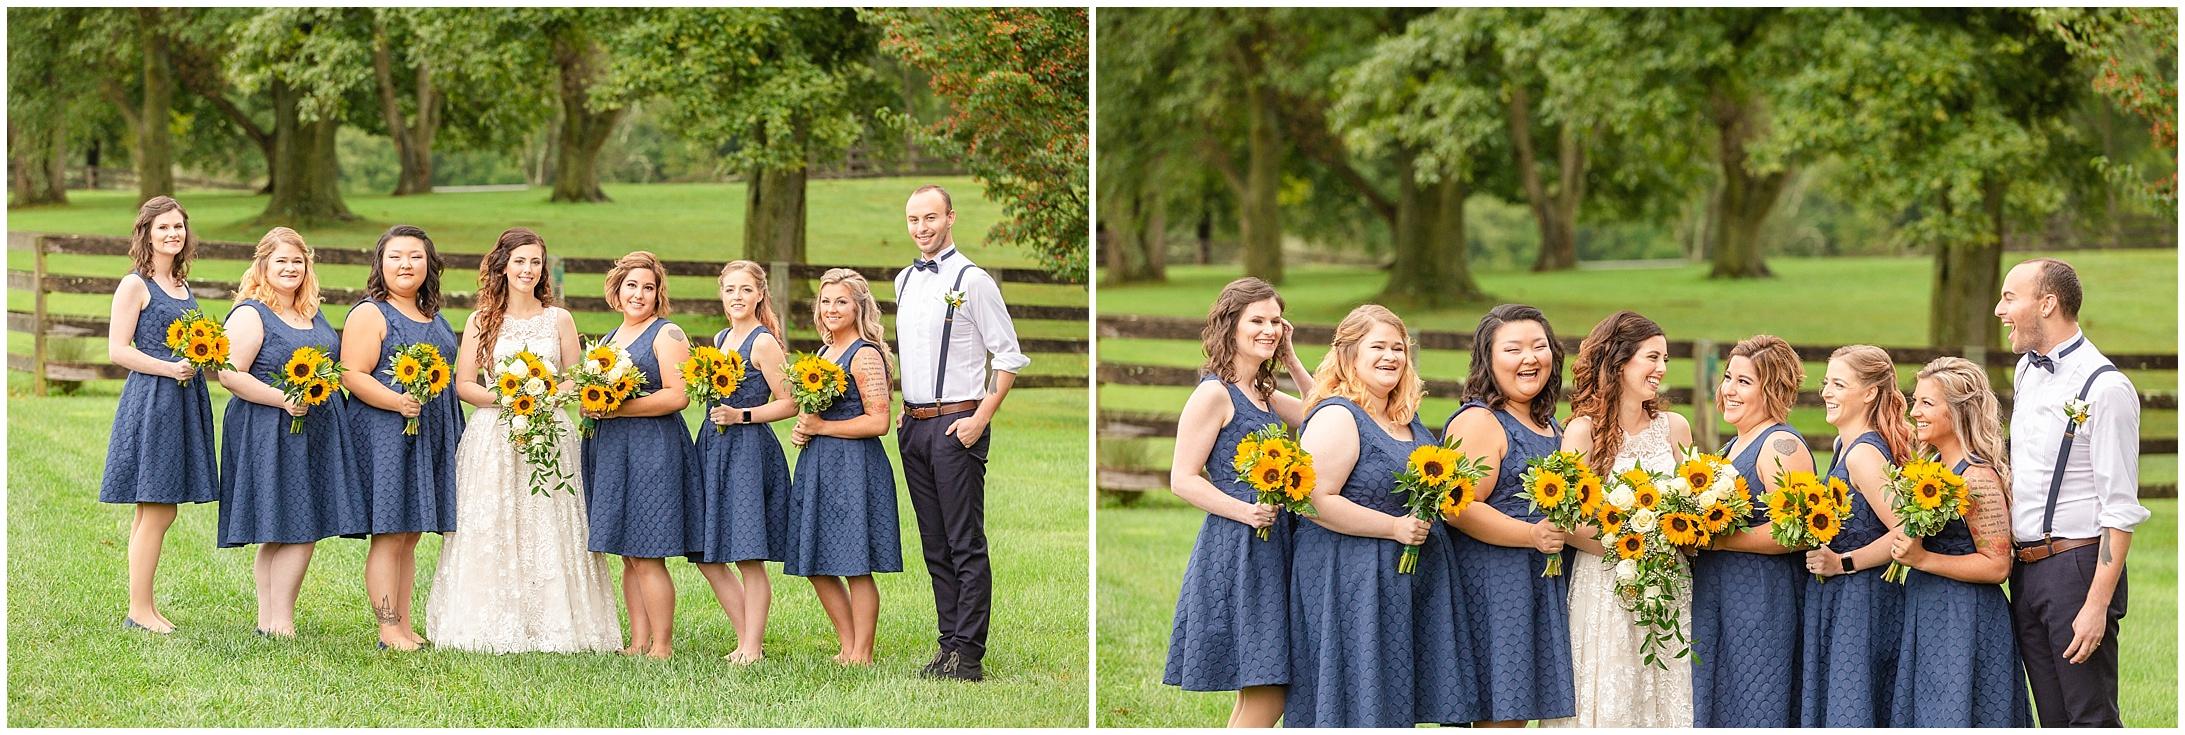 Montagu-Meadows-Wedding-Photos-917.jpg